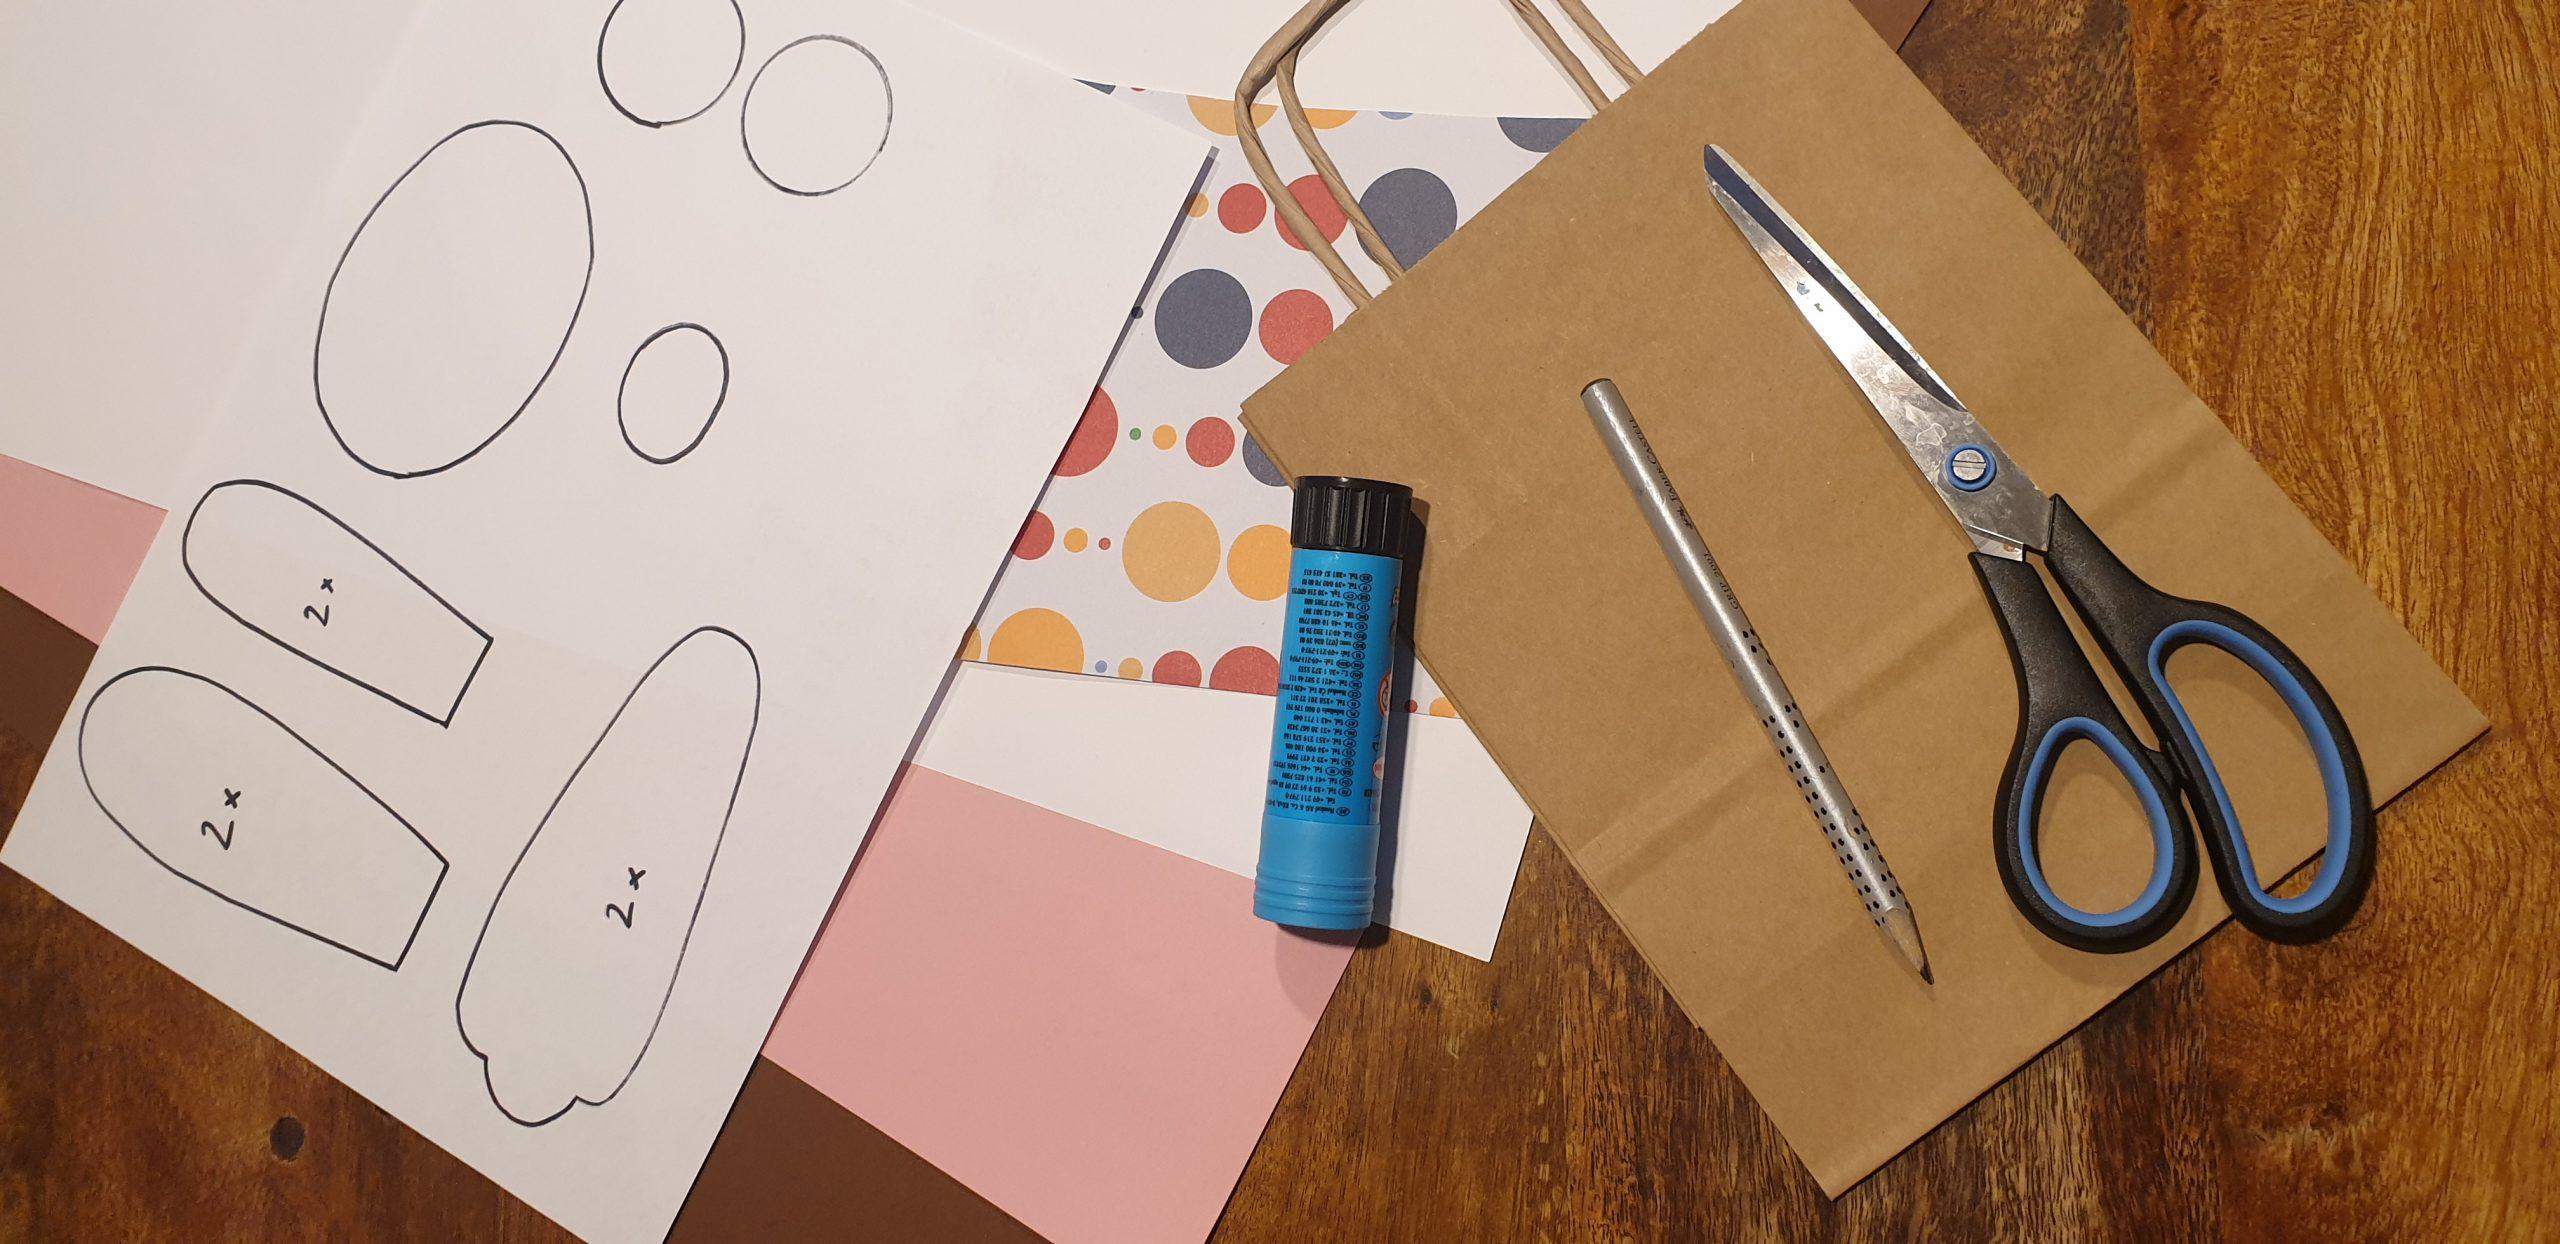 Für das Osterhasensackerl brauchst du die Vorlage, Papier, Bleistift, eine Schere, Kleber und ein Papiersackerl. © CMM